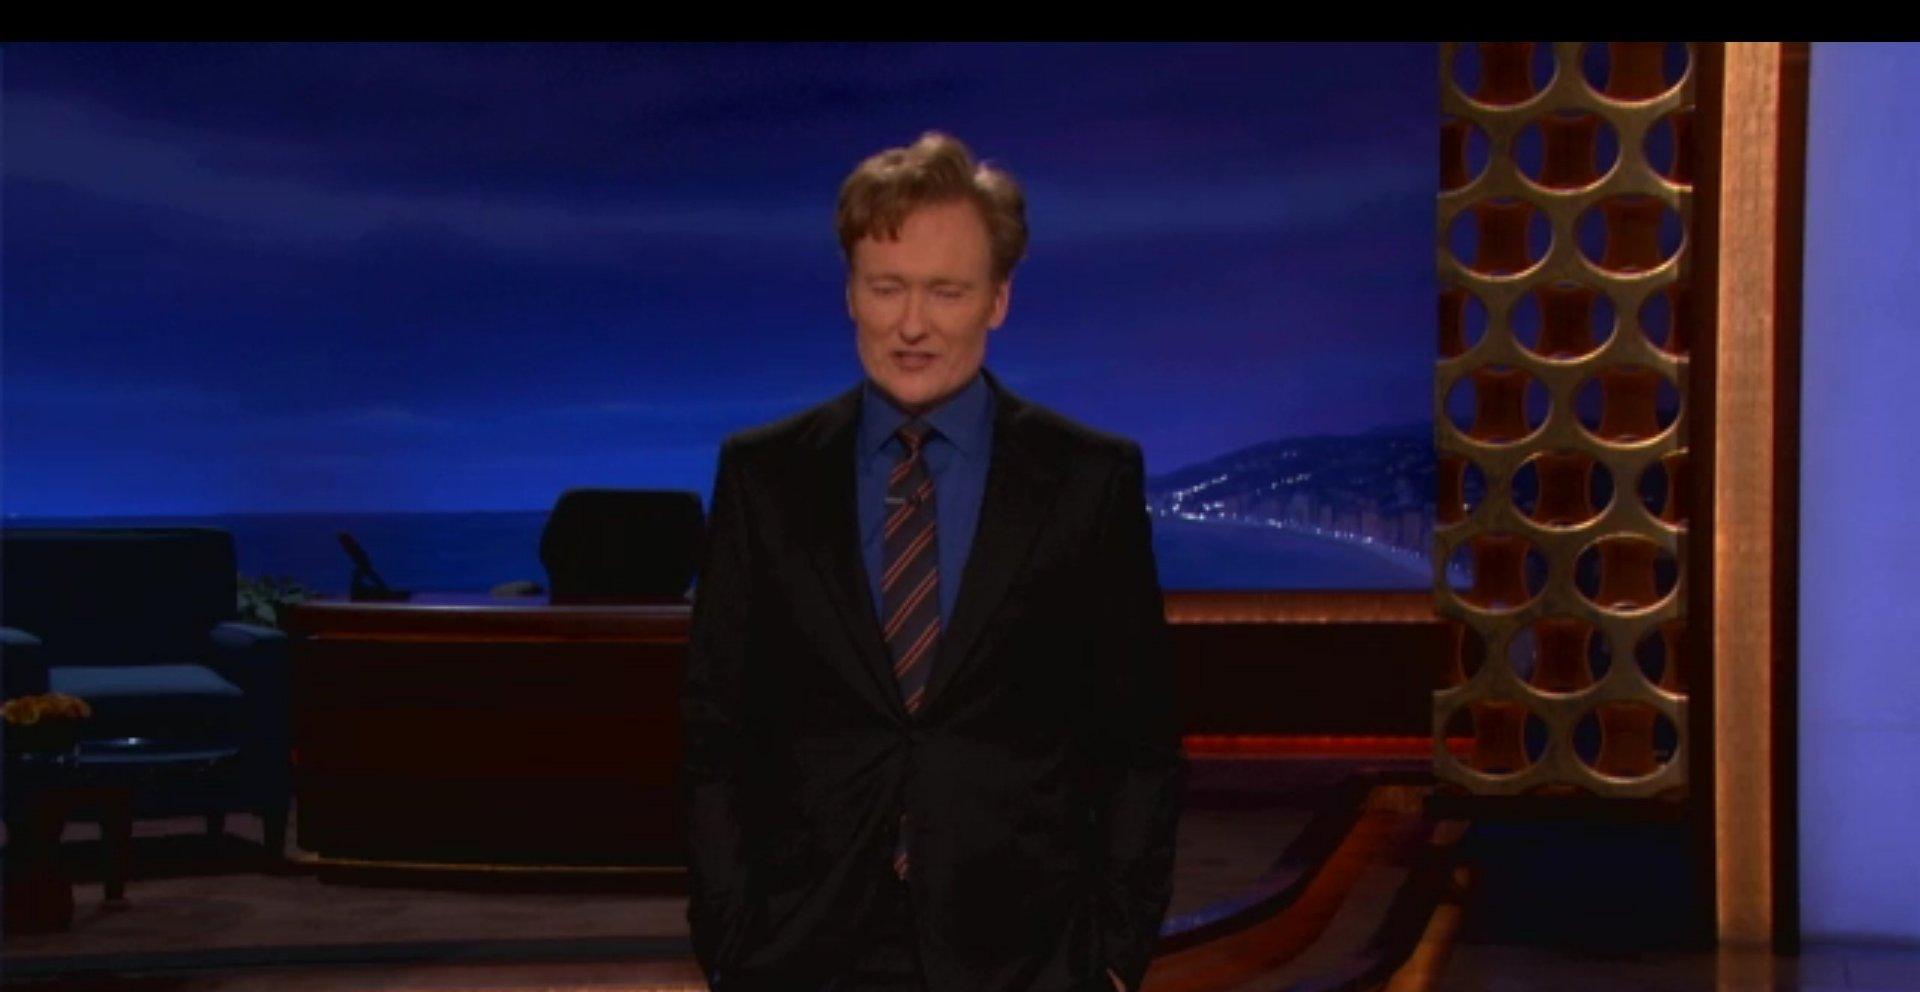 Conan O'Brian mener iPad mini bare er egnet til å fylle Apples lommer - og det store hullet i folks tomme, triste liv.